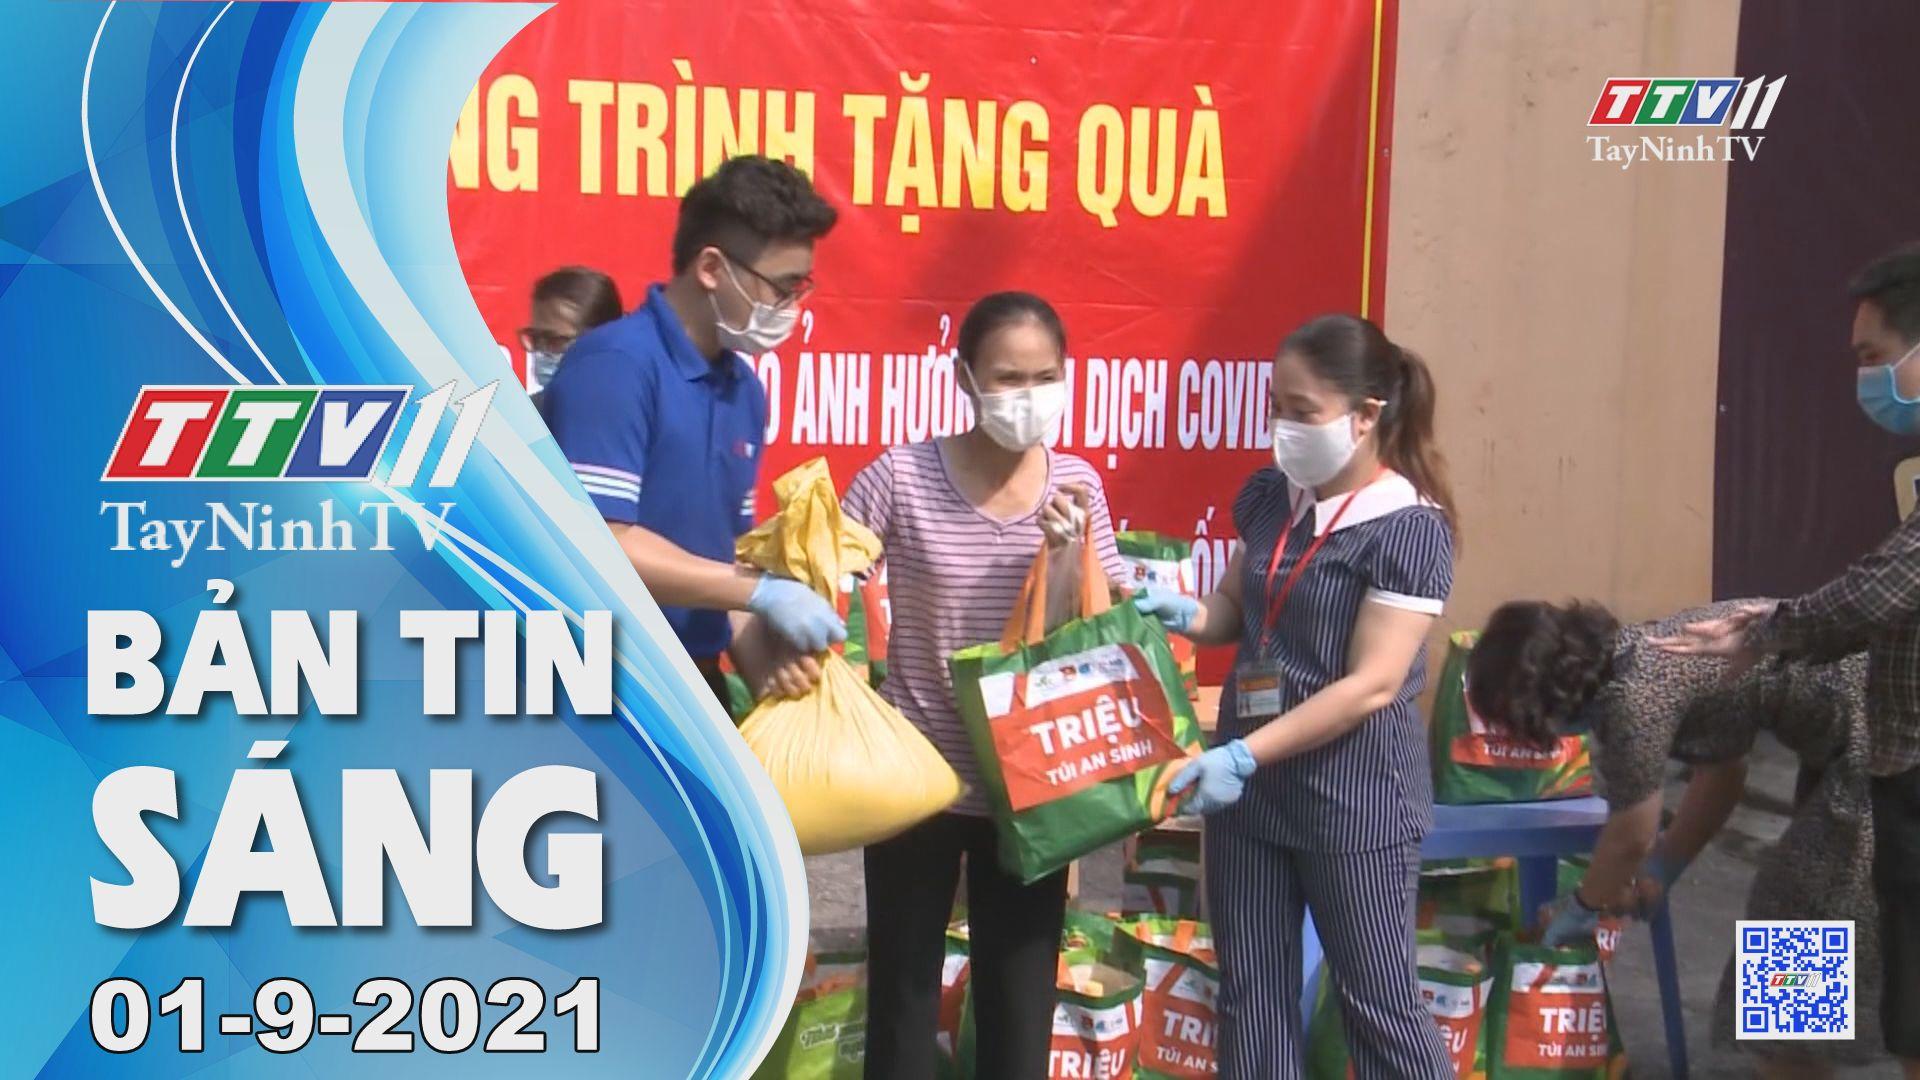 Bản tin sáng 01-9-2021 | Tin tức hôm nay | TayNinhTV